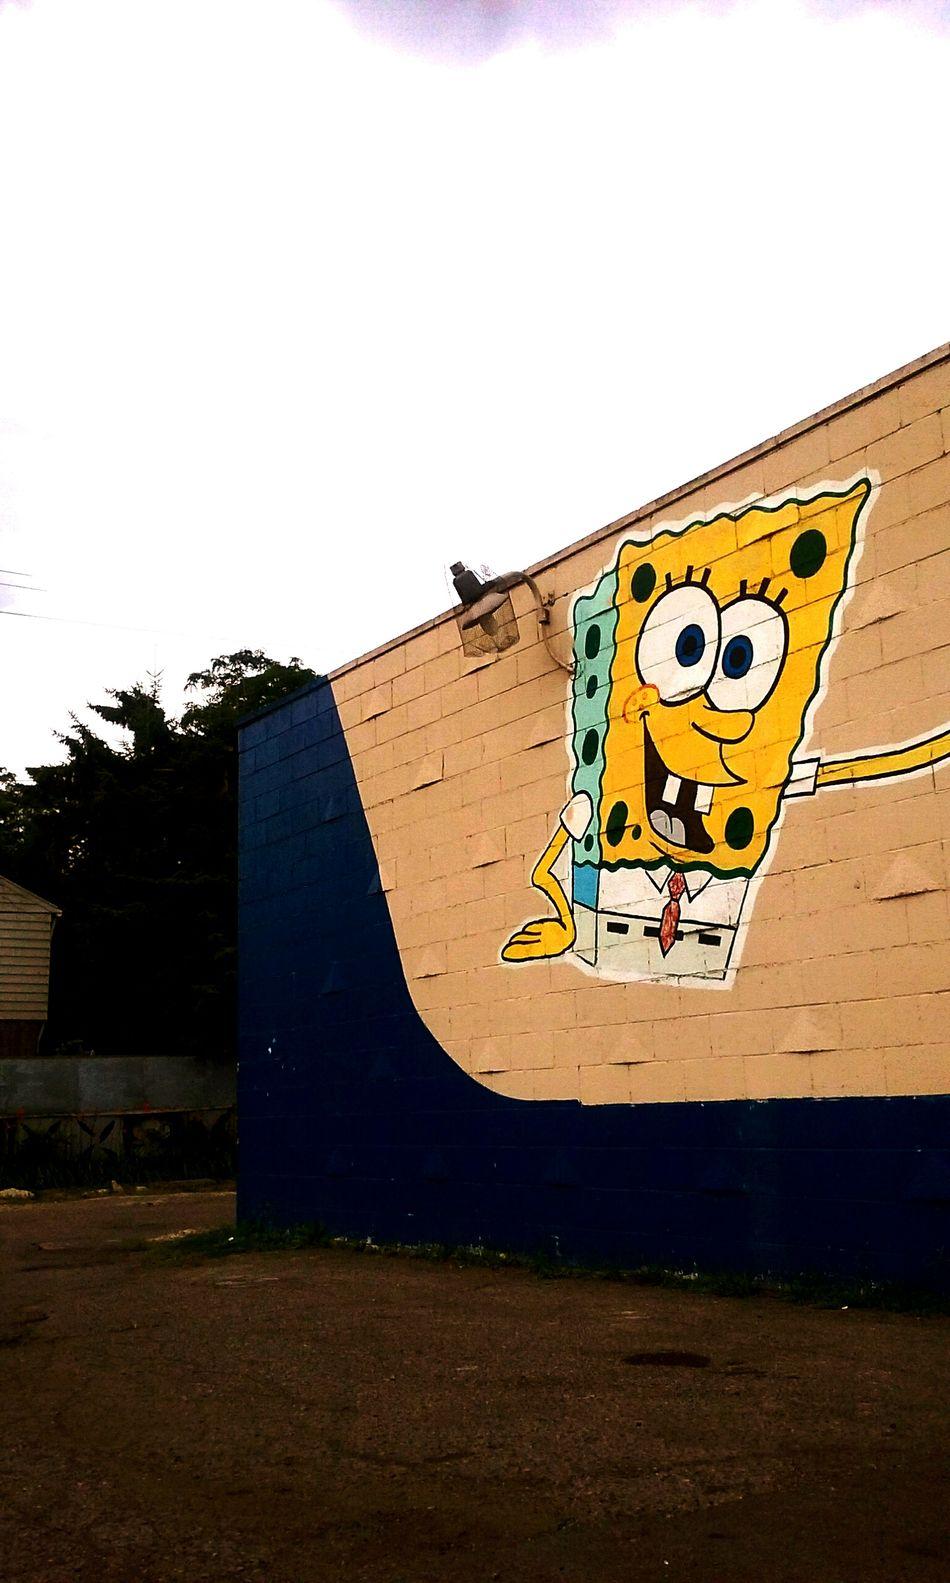 Ghetto Art. ✈ Spongebob♥ Detroithustlesharder